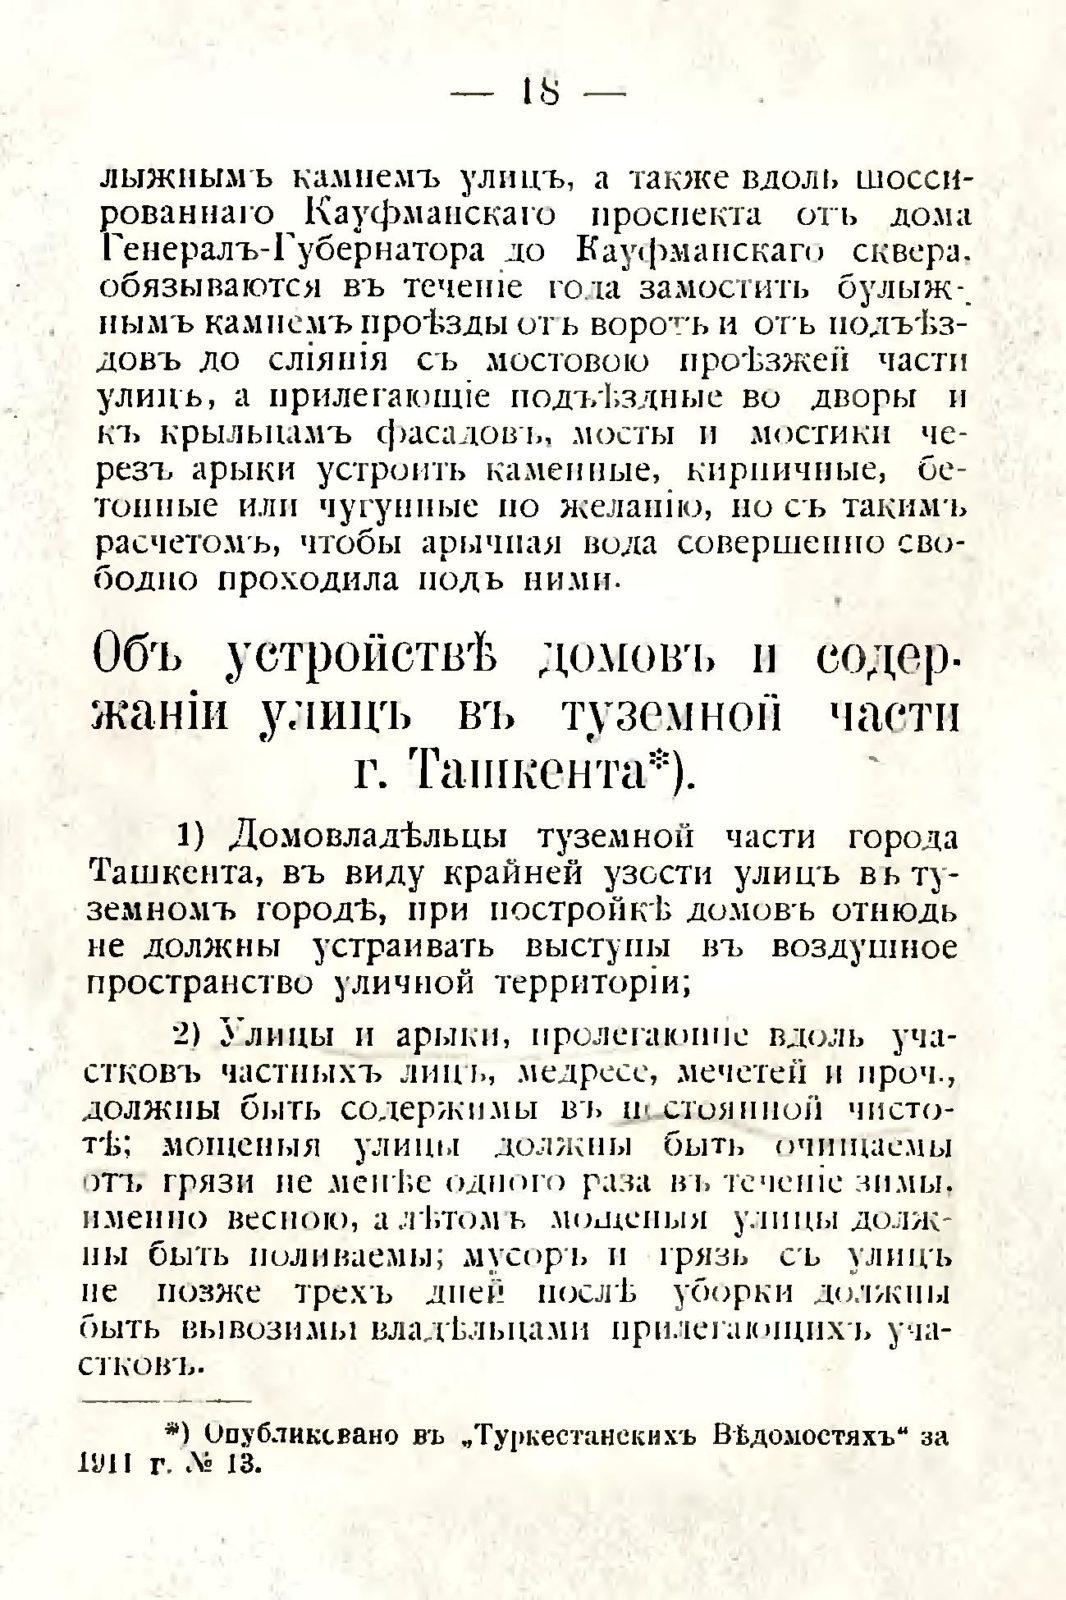 sbornik_obyazatelnyh_postanovlenii_tashkentskoi_gorodskoi_du_22